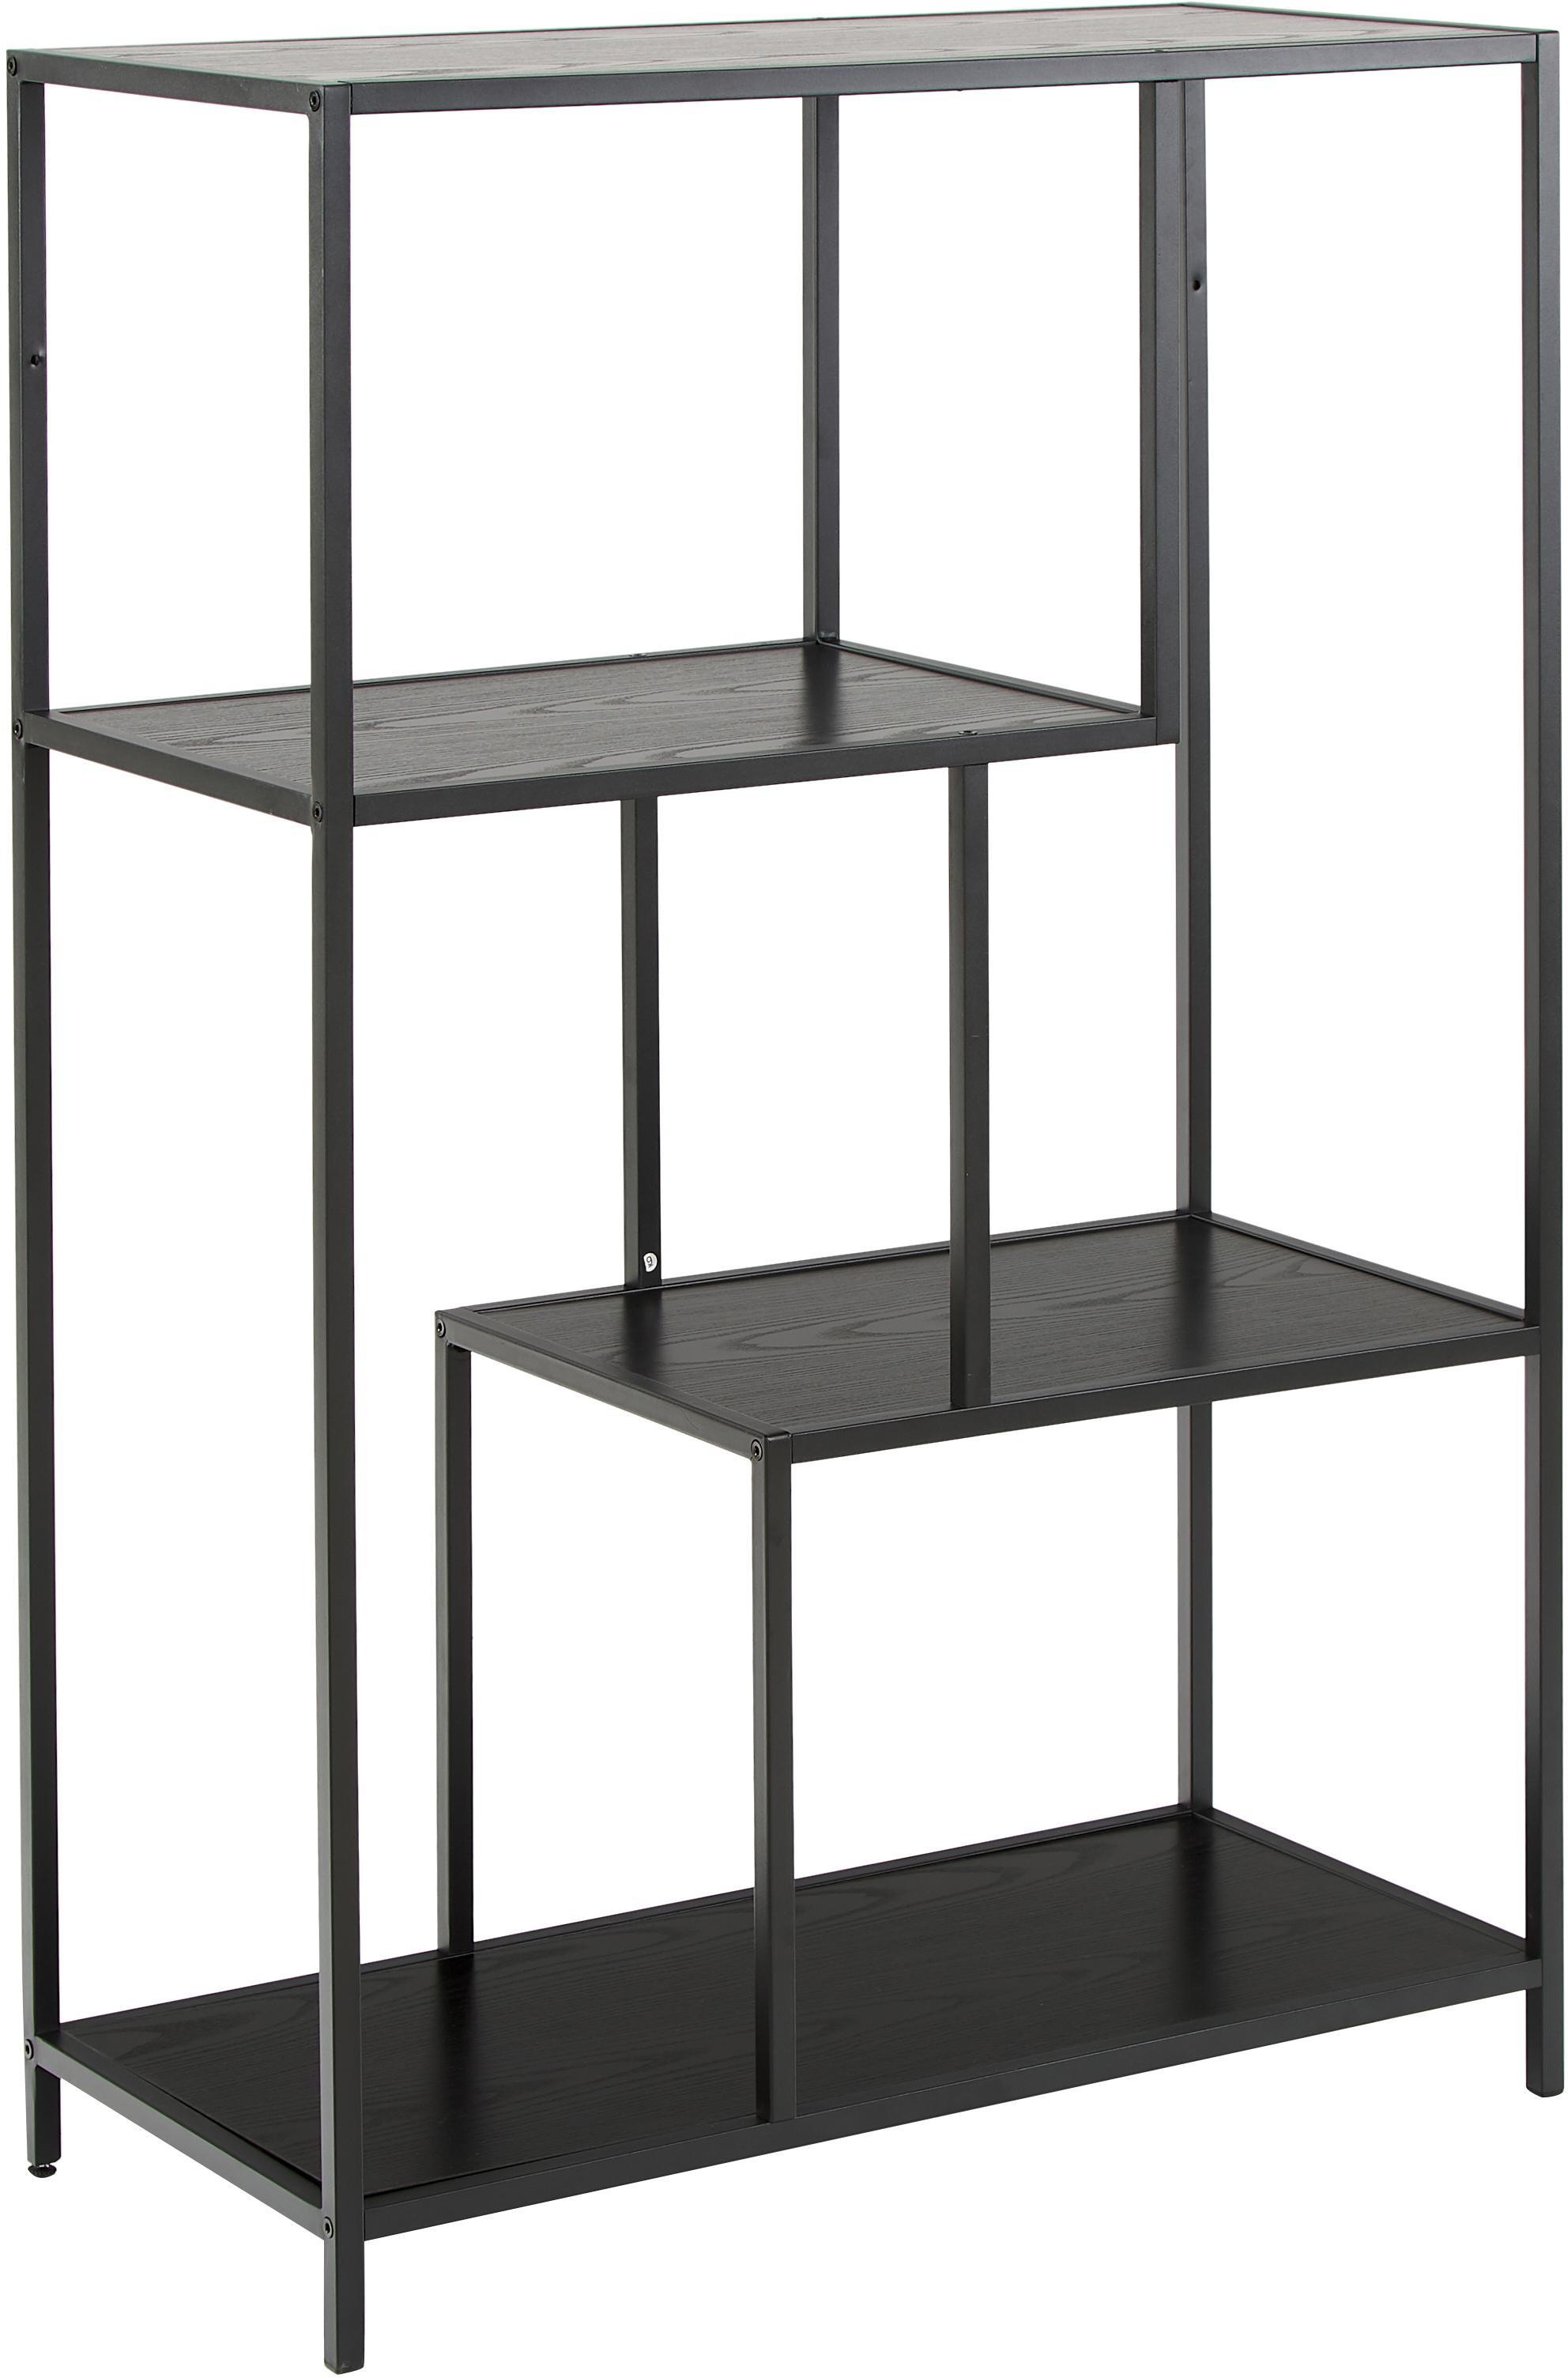 Libreria in legno e metallo Seaford Zig, Ripiani: pannello di fibra a media, Struttura: metallo verniciato a polv, Nero, Larg. 77 x Alt. 114 cm